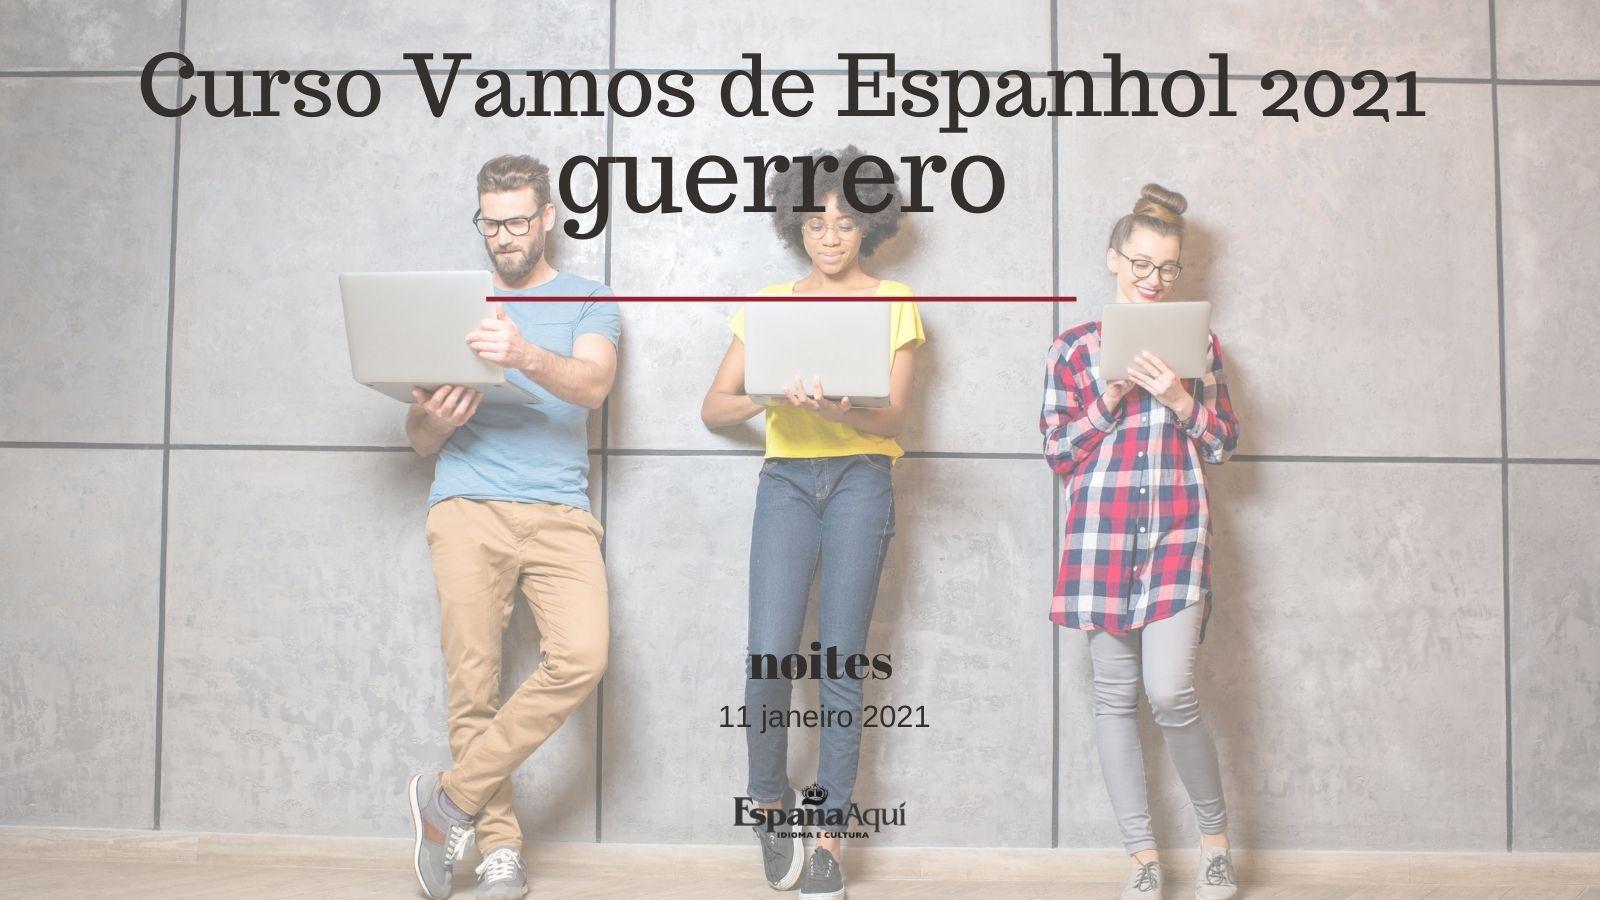 http://www.espanaaqui.com.br/pdf/fevereiro%202021/priorit%c3%a1rio%20guerrero....jpg